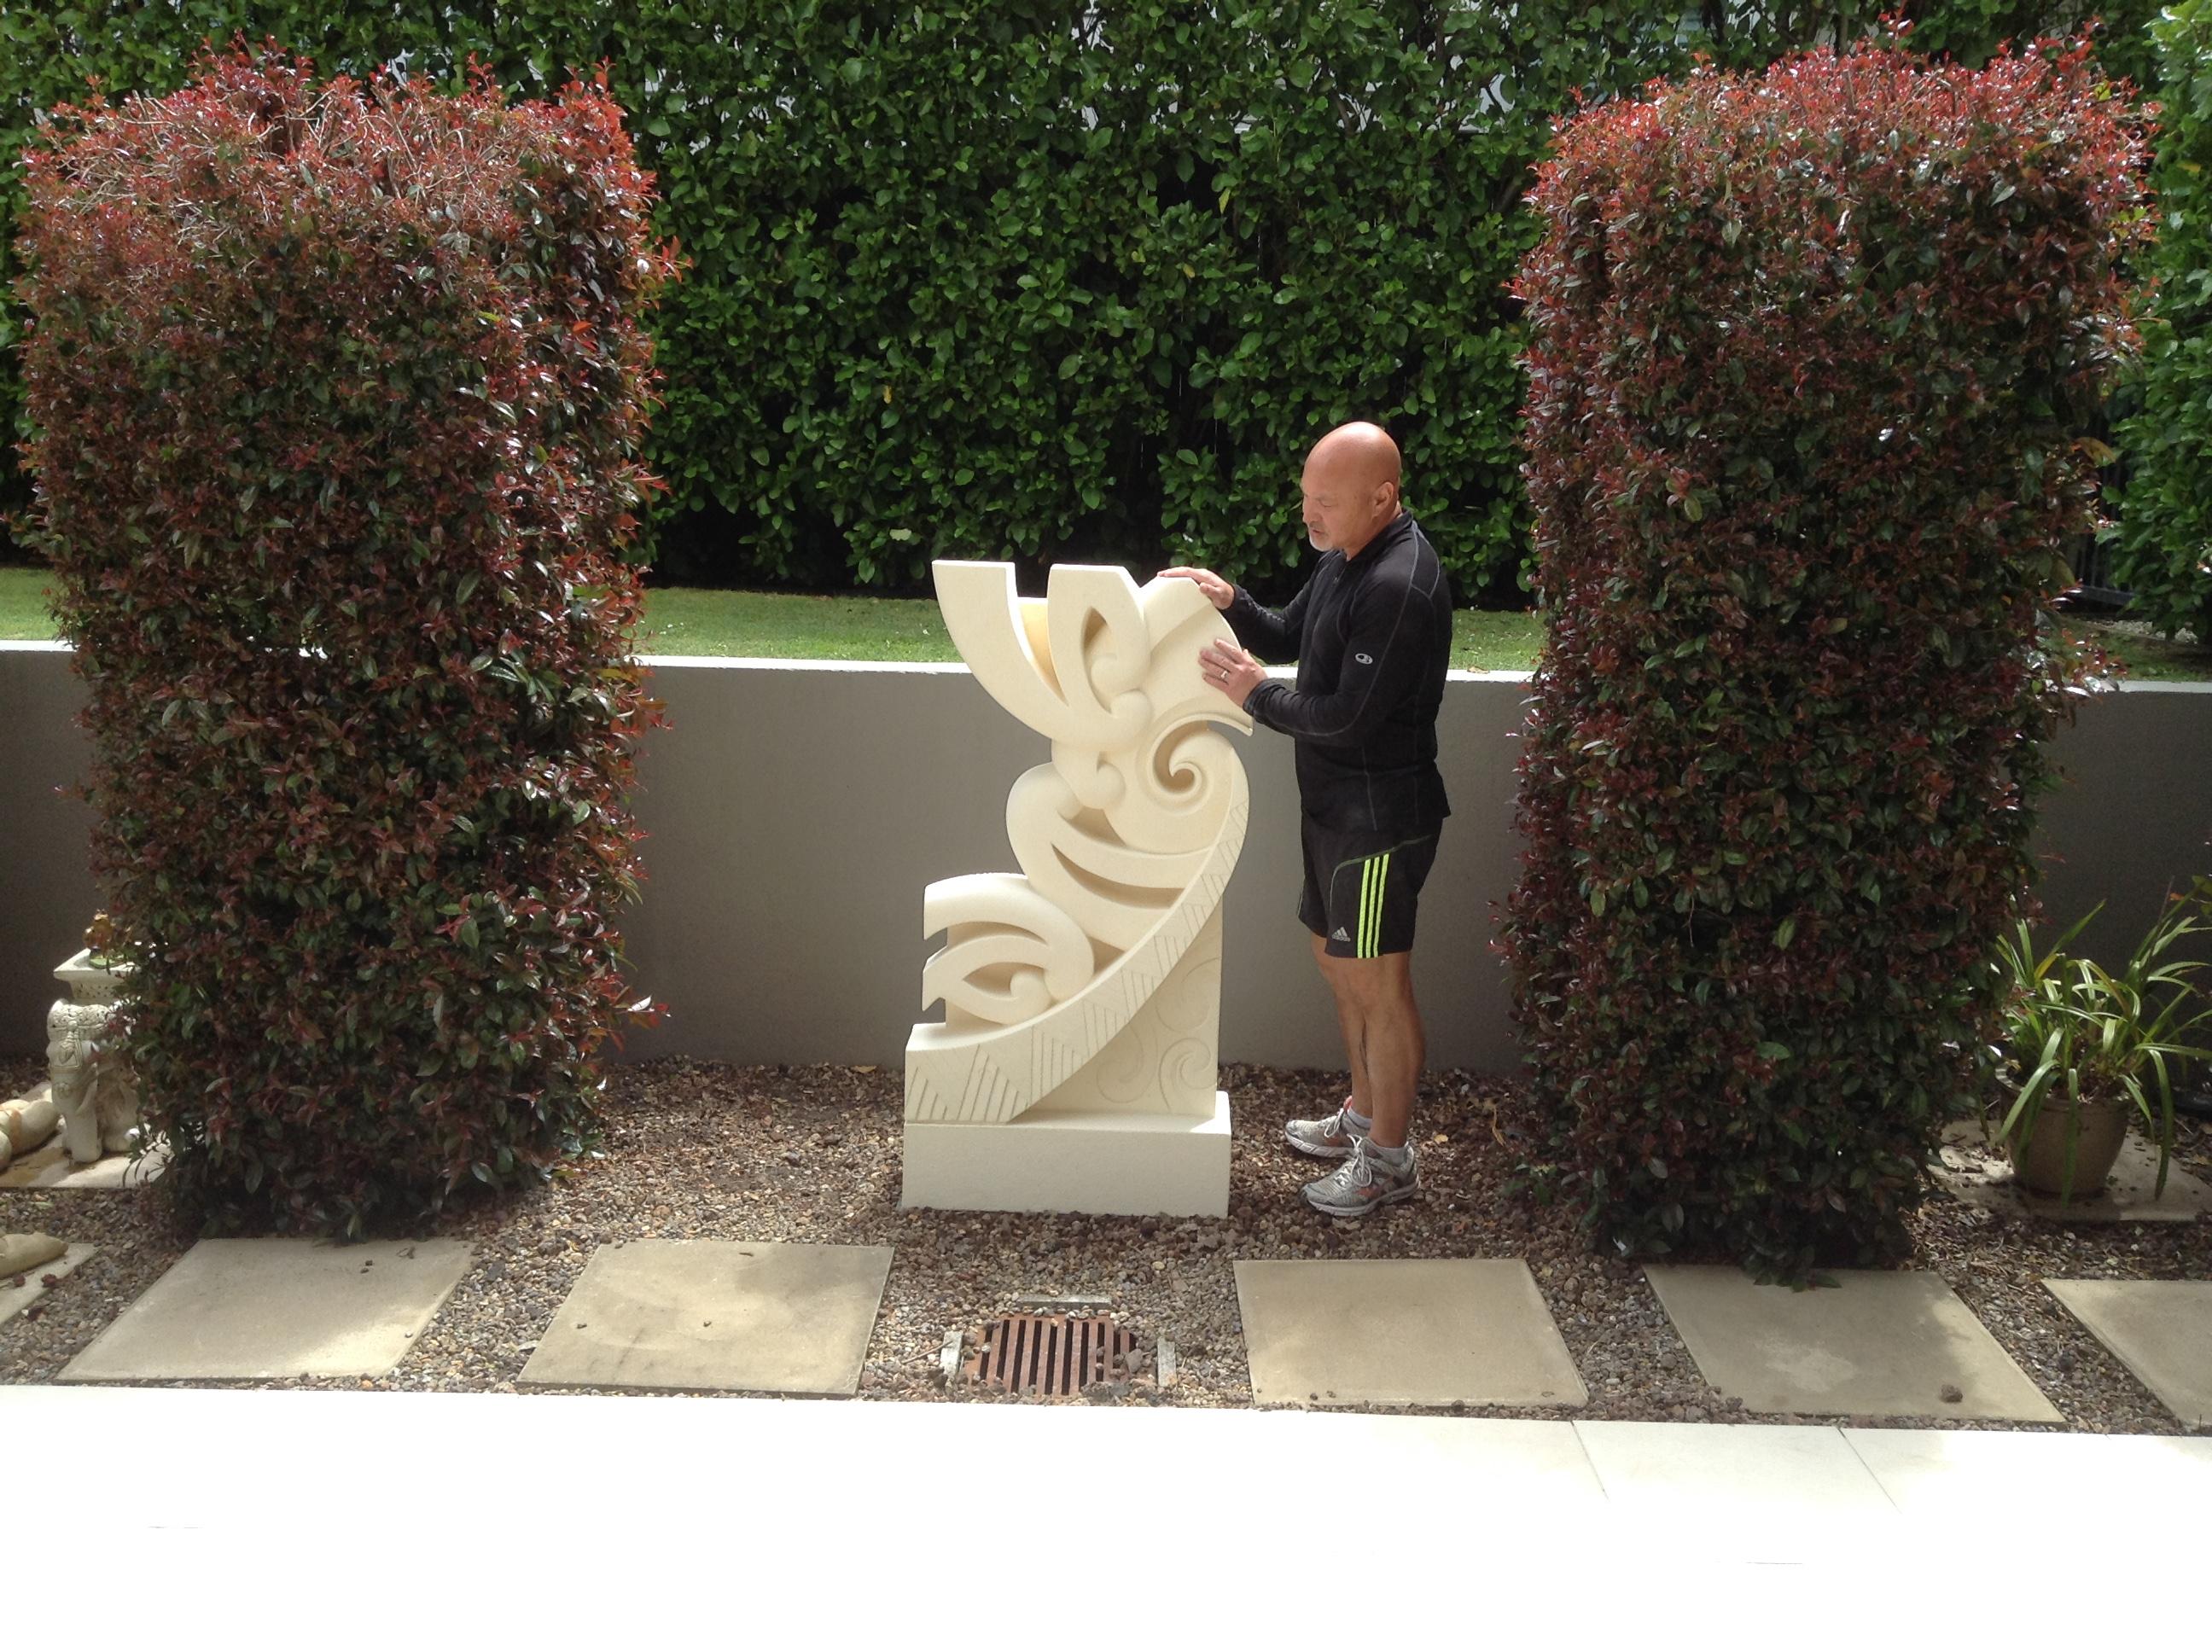 Nga hau e wha - Keno Sculpture